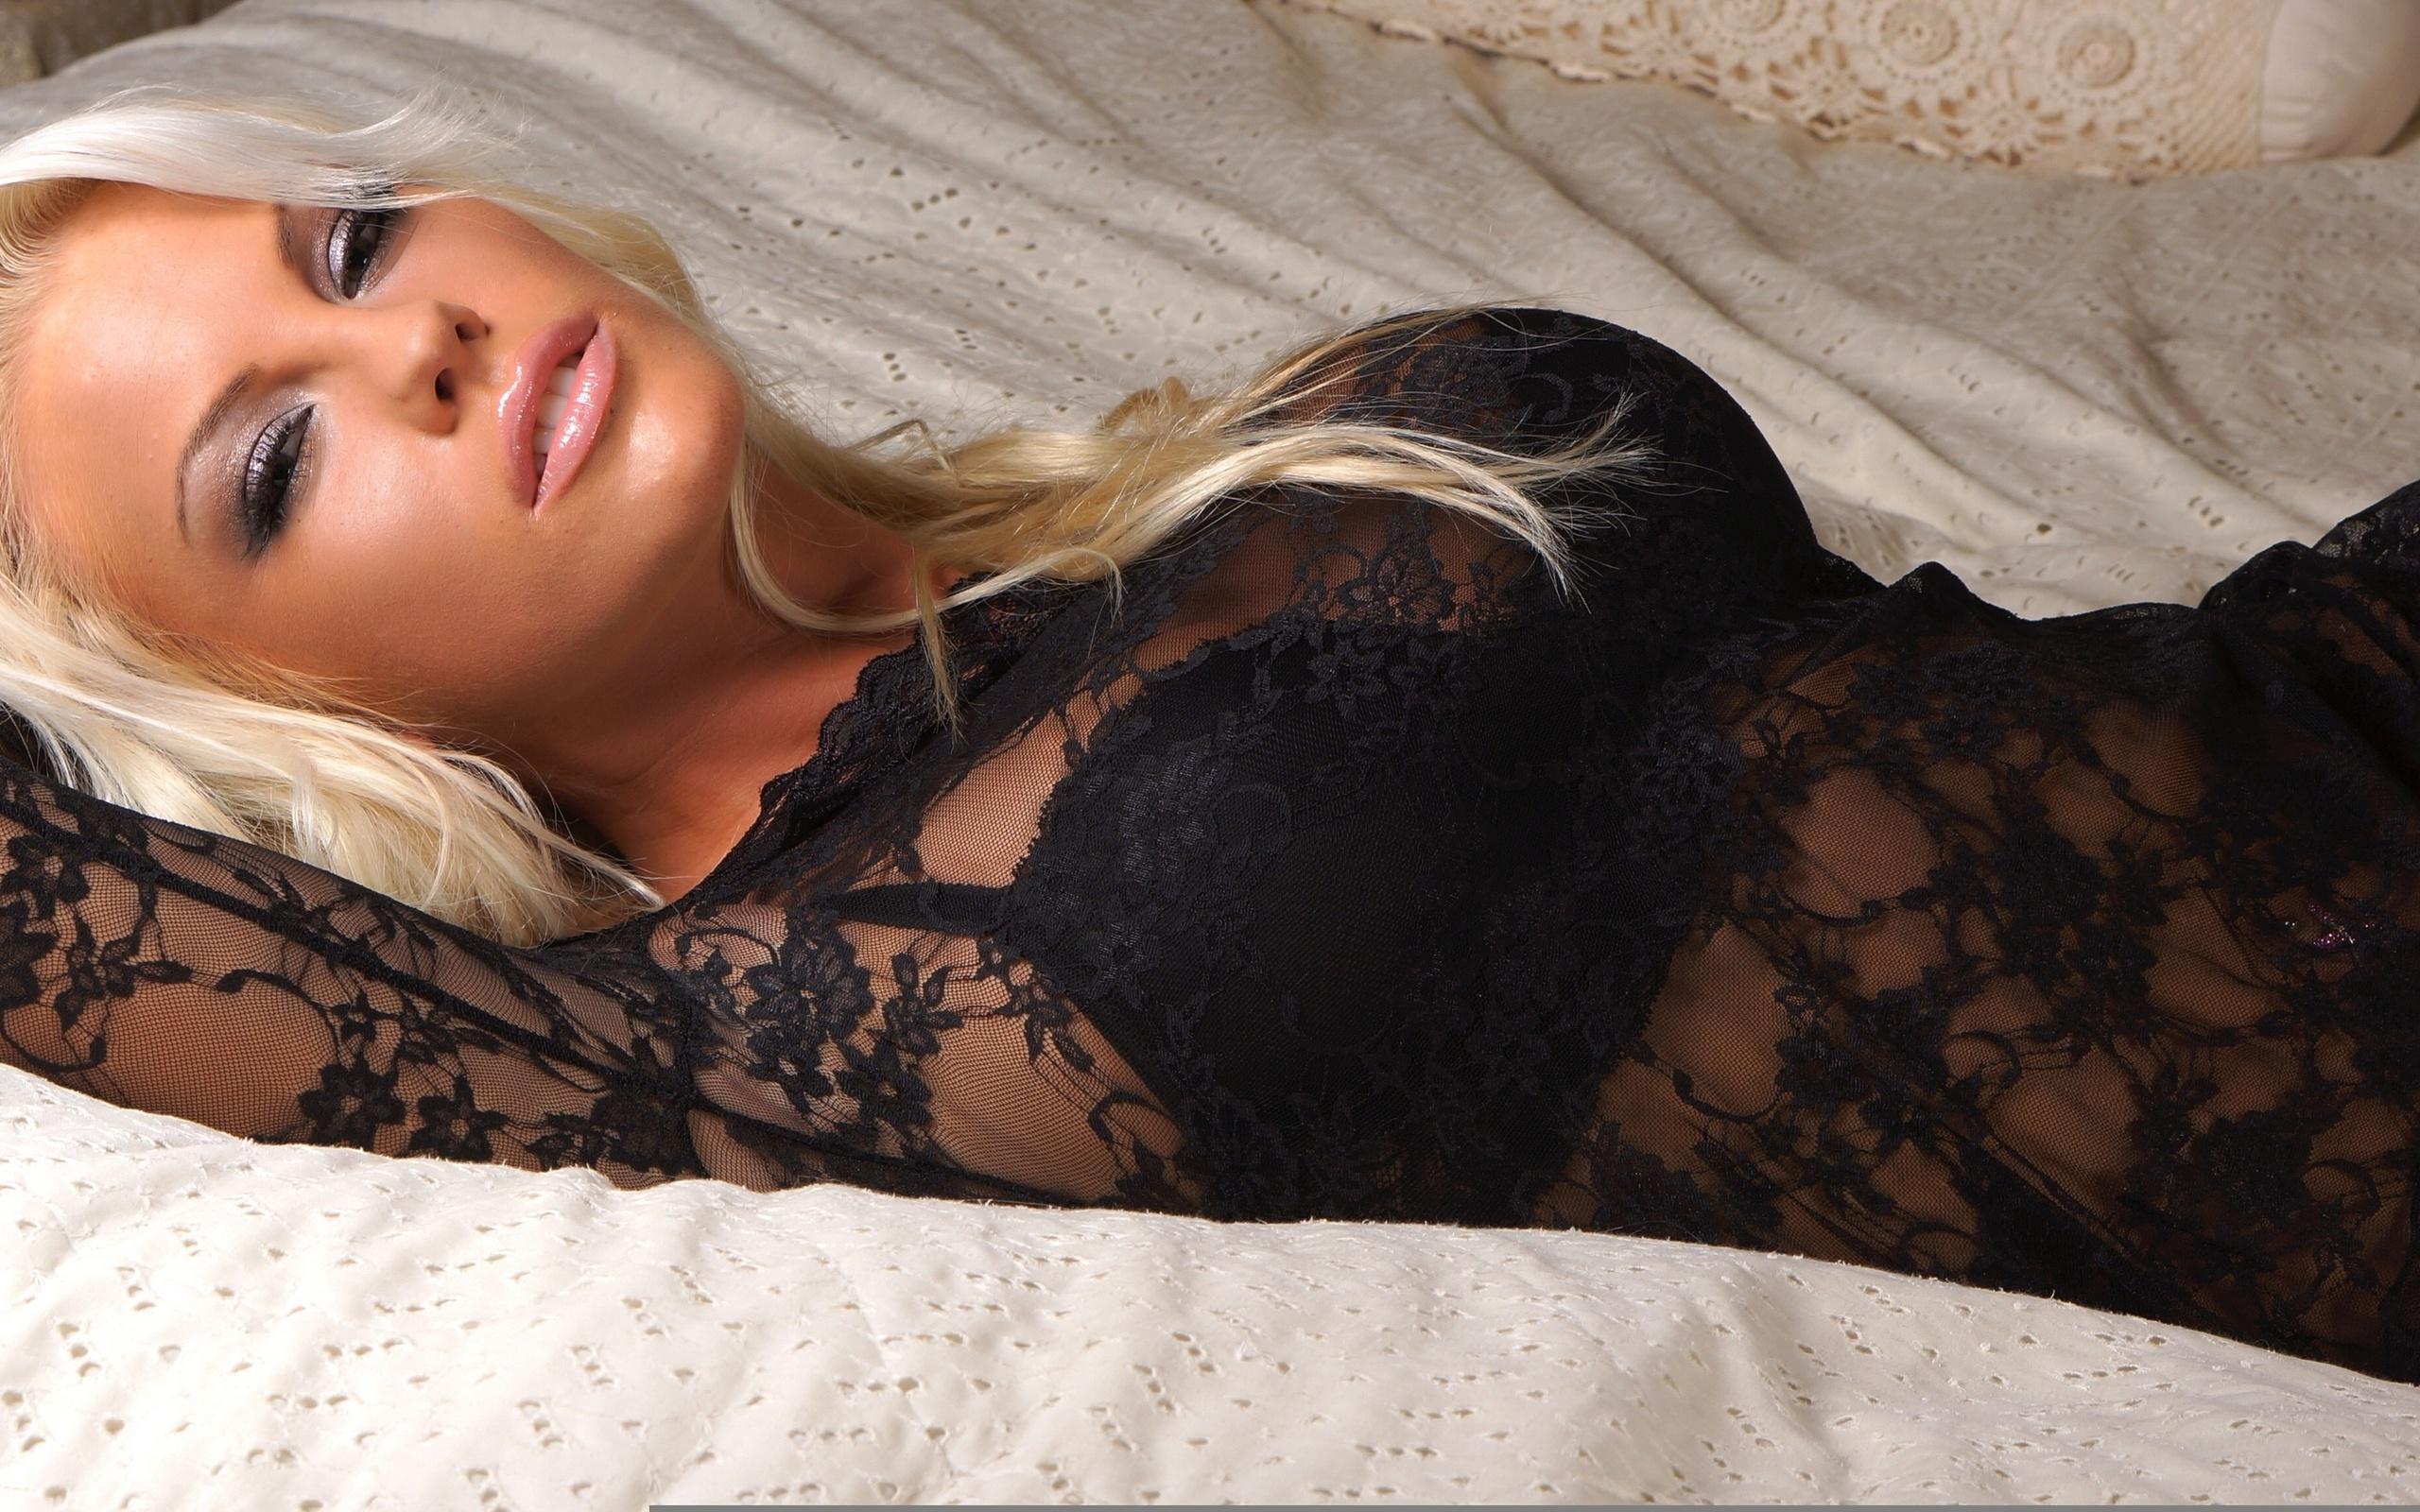 Эрофото женщин за 30, Женщинам за тридцать тоже есть что показать секс фото 23 фотография